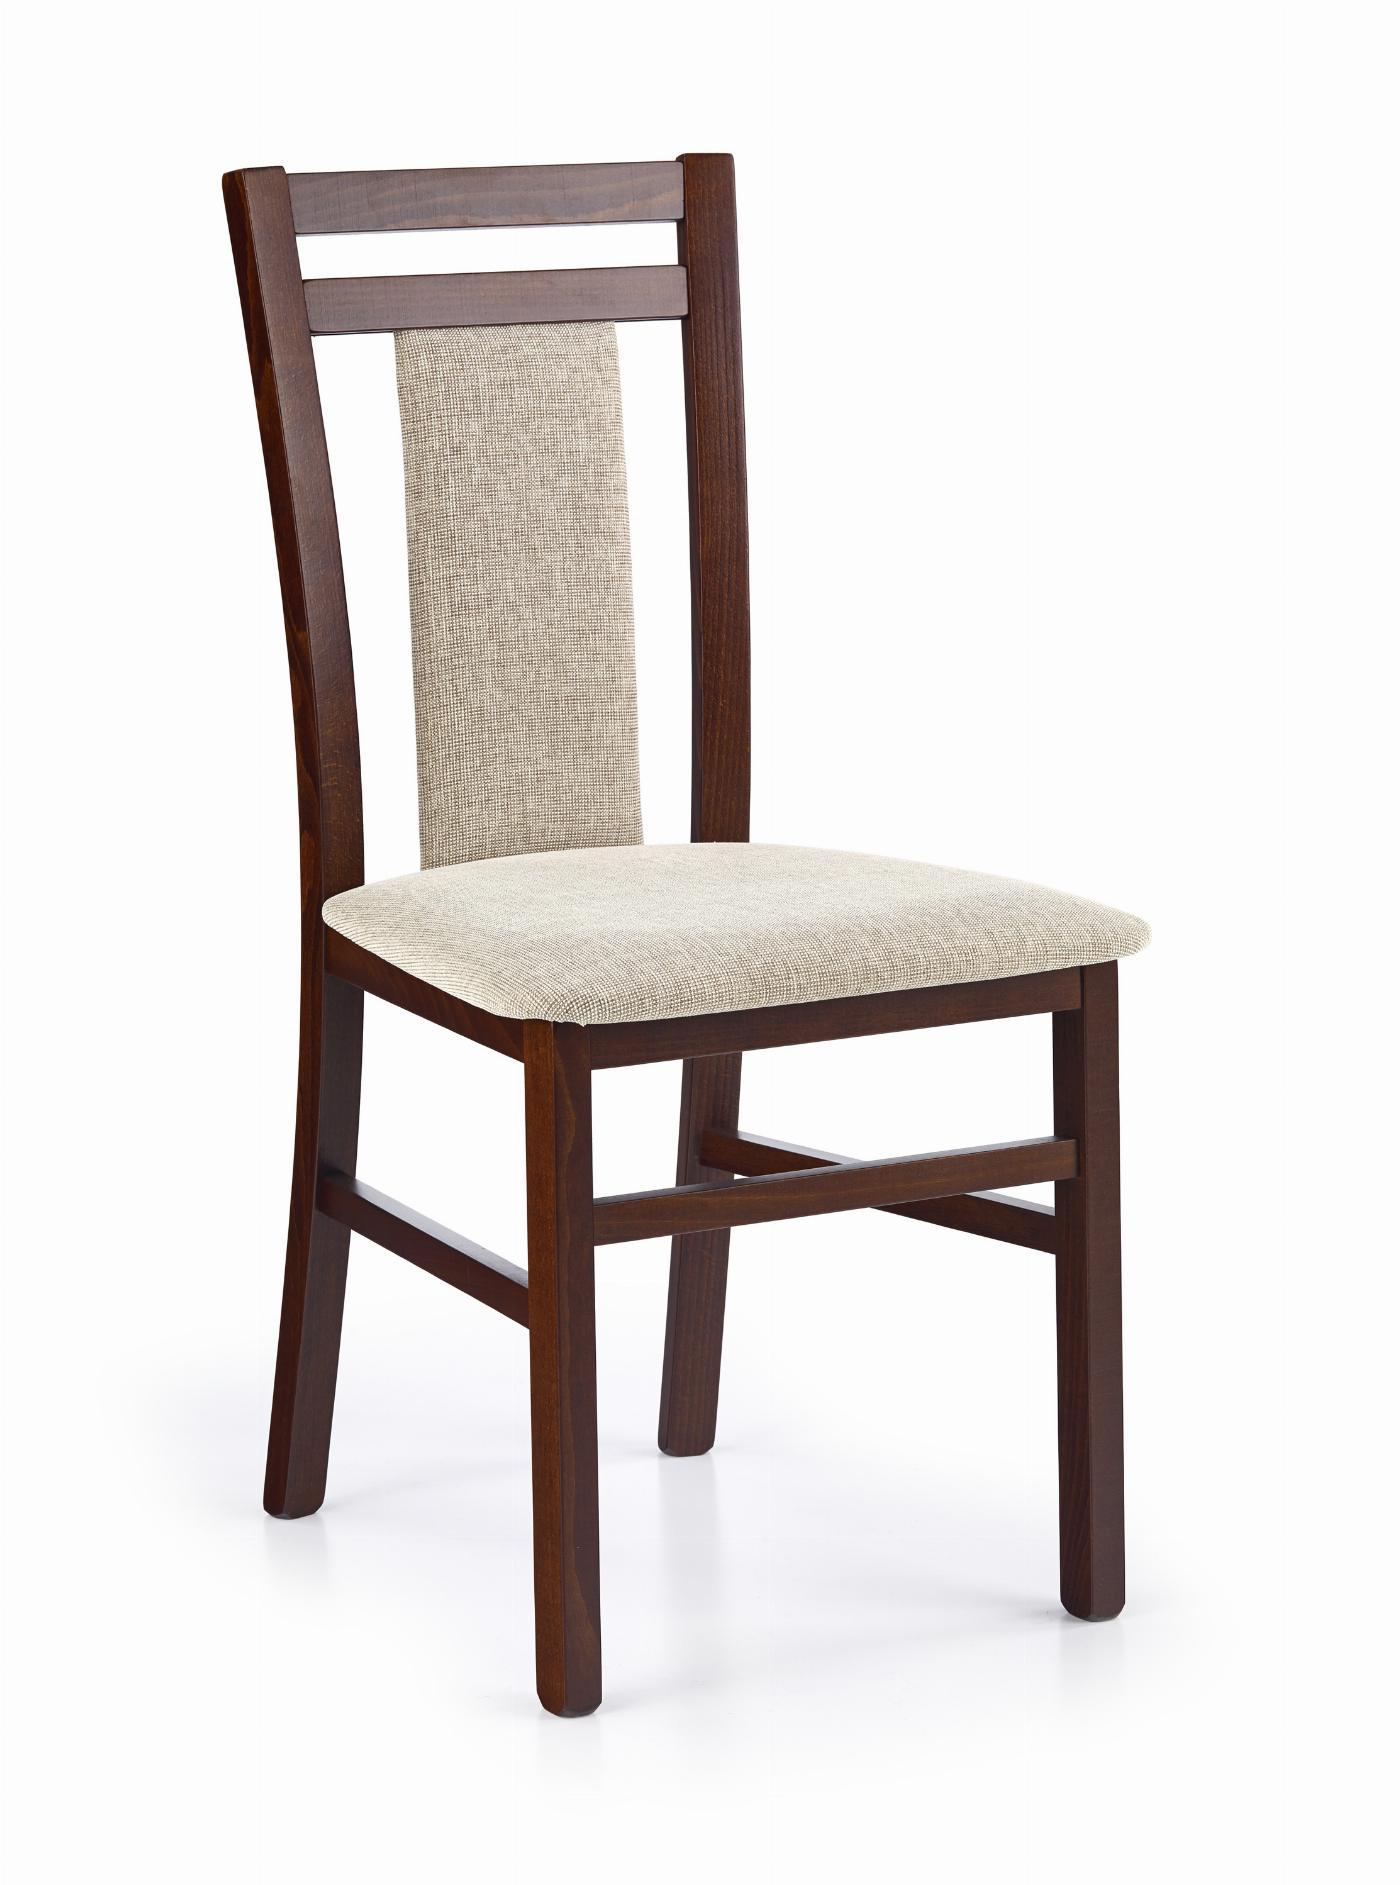 HUBERT8 krzesło ciemny orzech / tap: Vila 2 (1p=2szt)